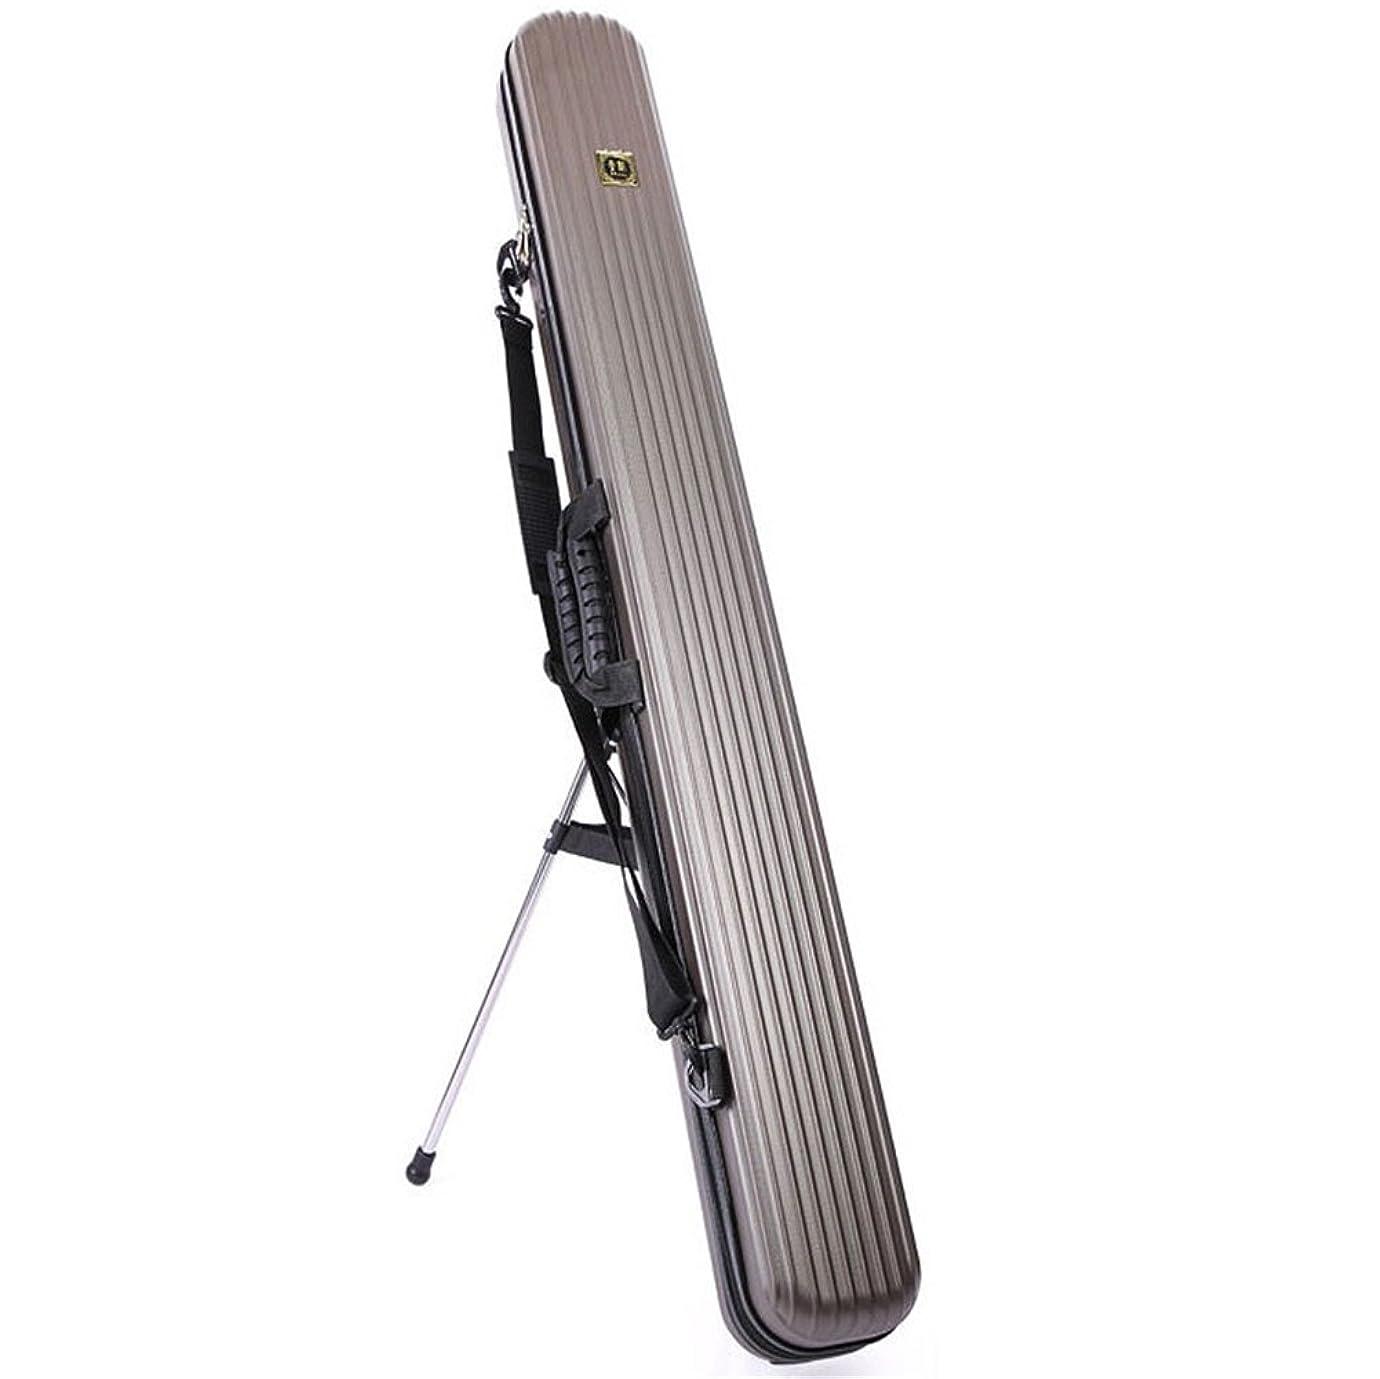 梨酔う該当する(Aofit)釣竿収納ケース 釣りロッドバッグ ロッドケース フィッシングバッグ 肩掛け 防水 ロッド保護 pc樹脂製 125cmまでロッド收納